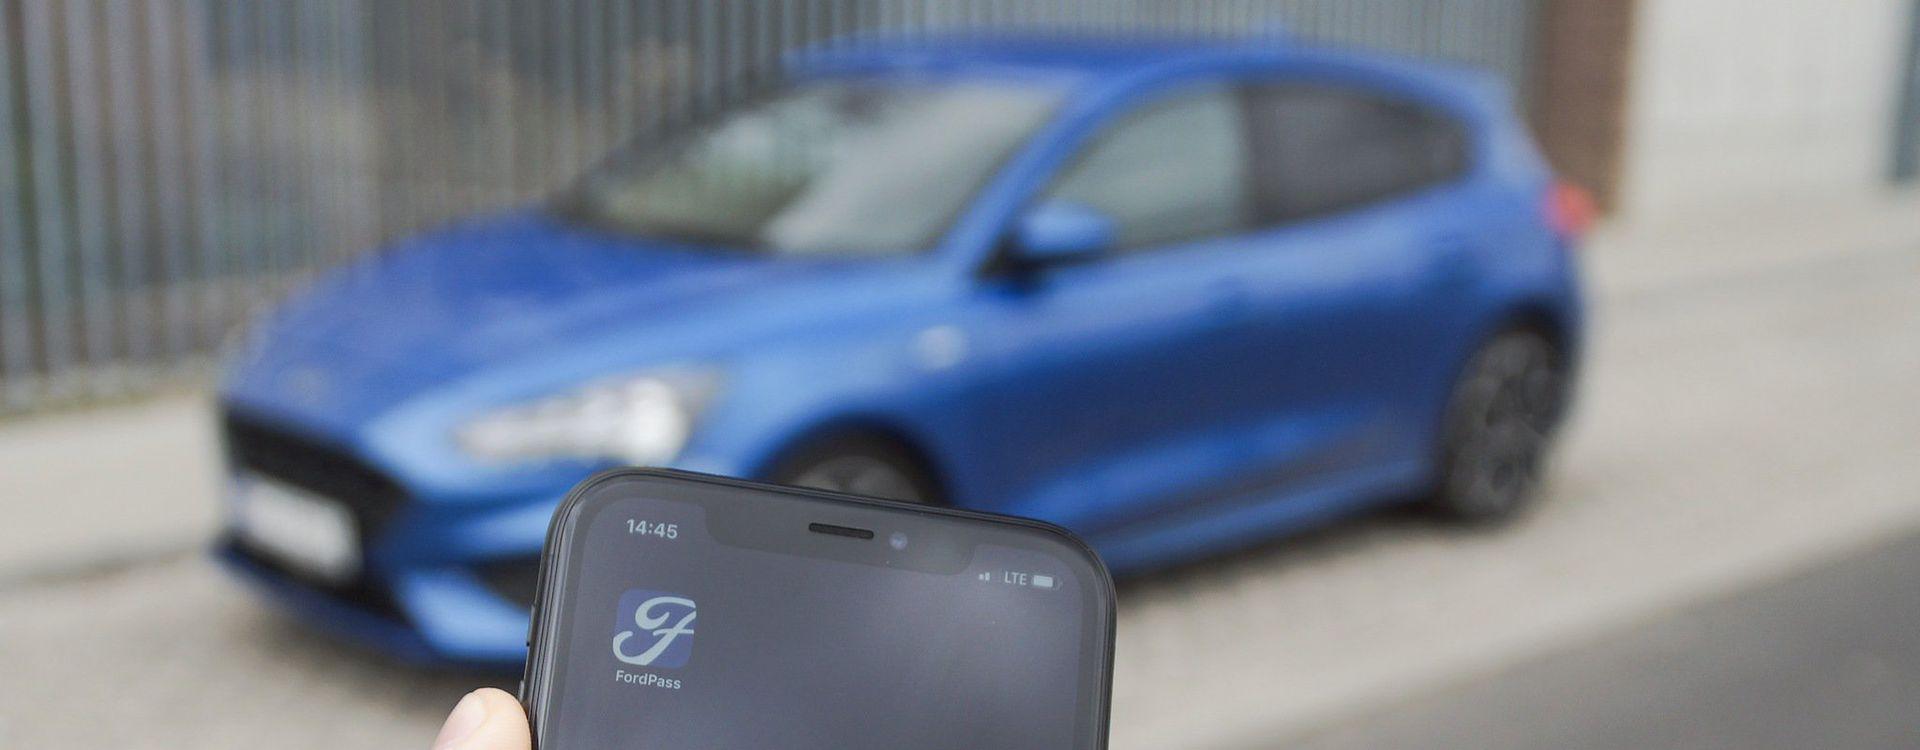 Aplikacja FordPass przyda się właścicielowi nowego Forda Focusa